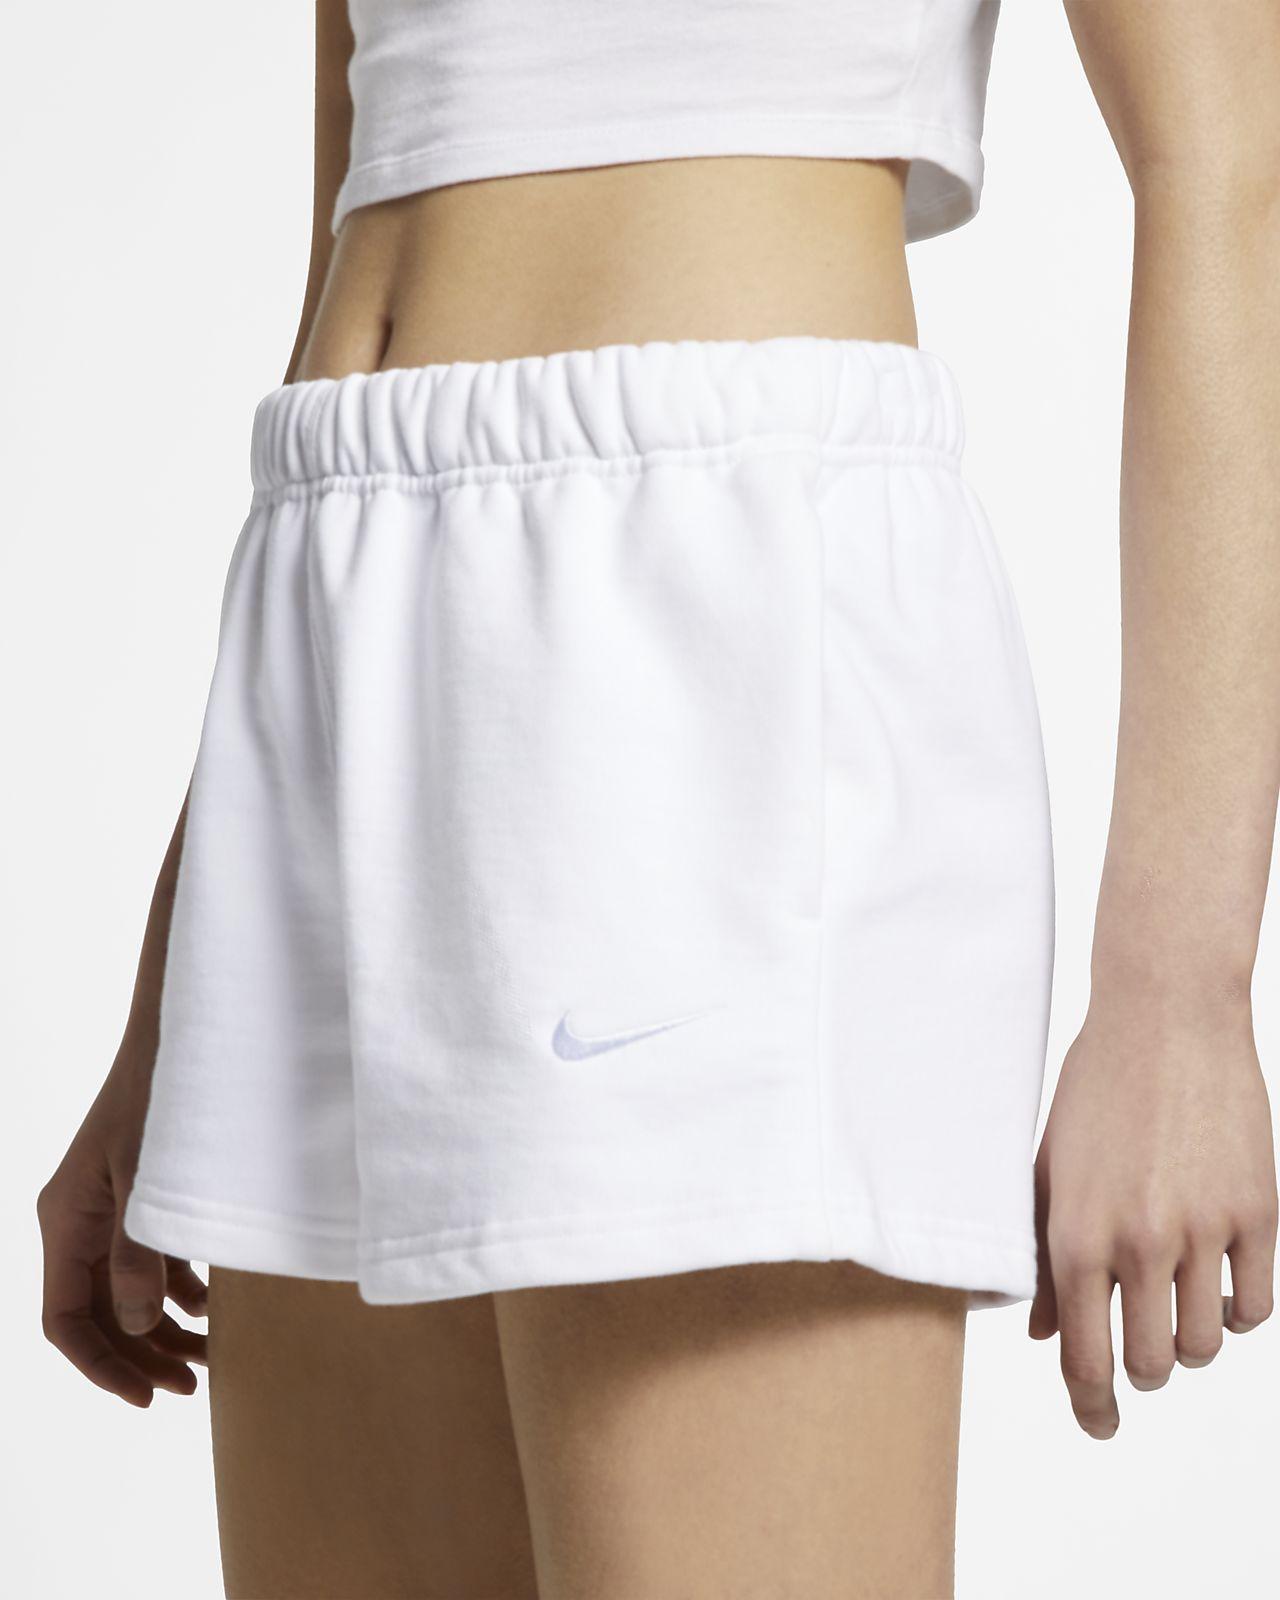 NikeLab 女子针织短裤